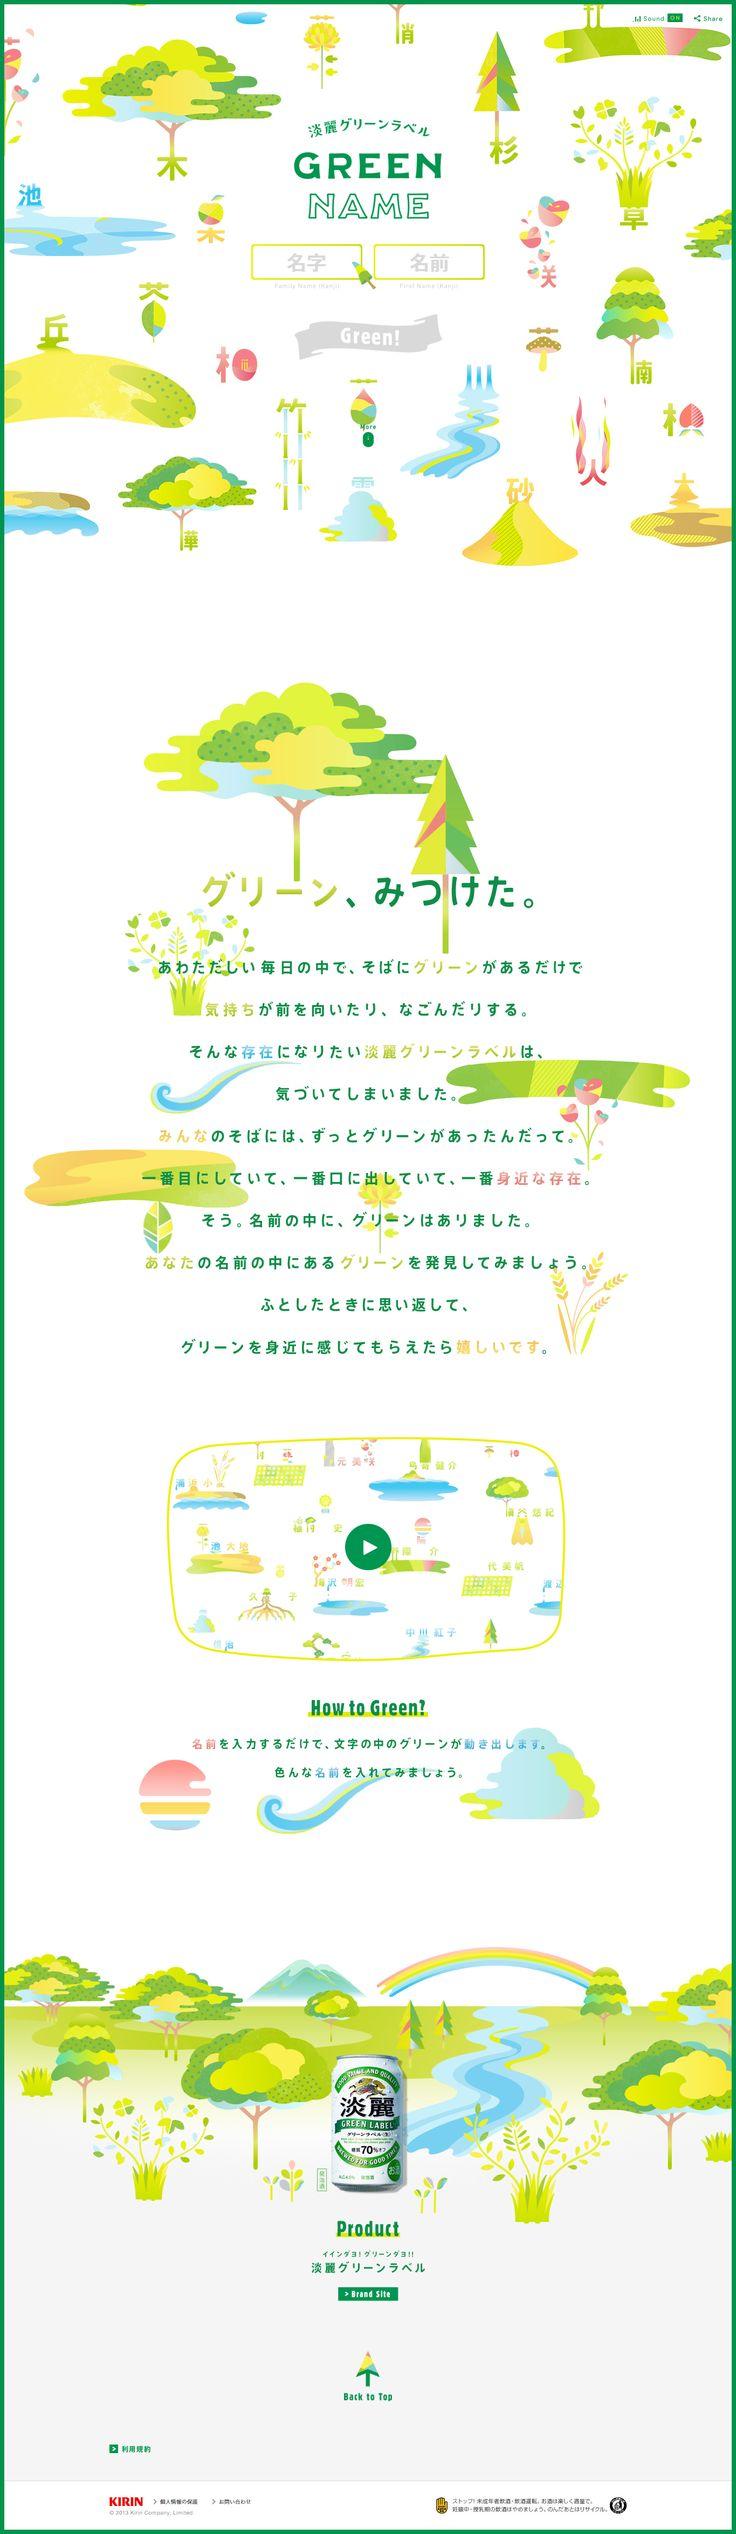 https://green-name.kirin.jp/